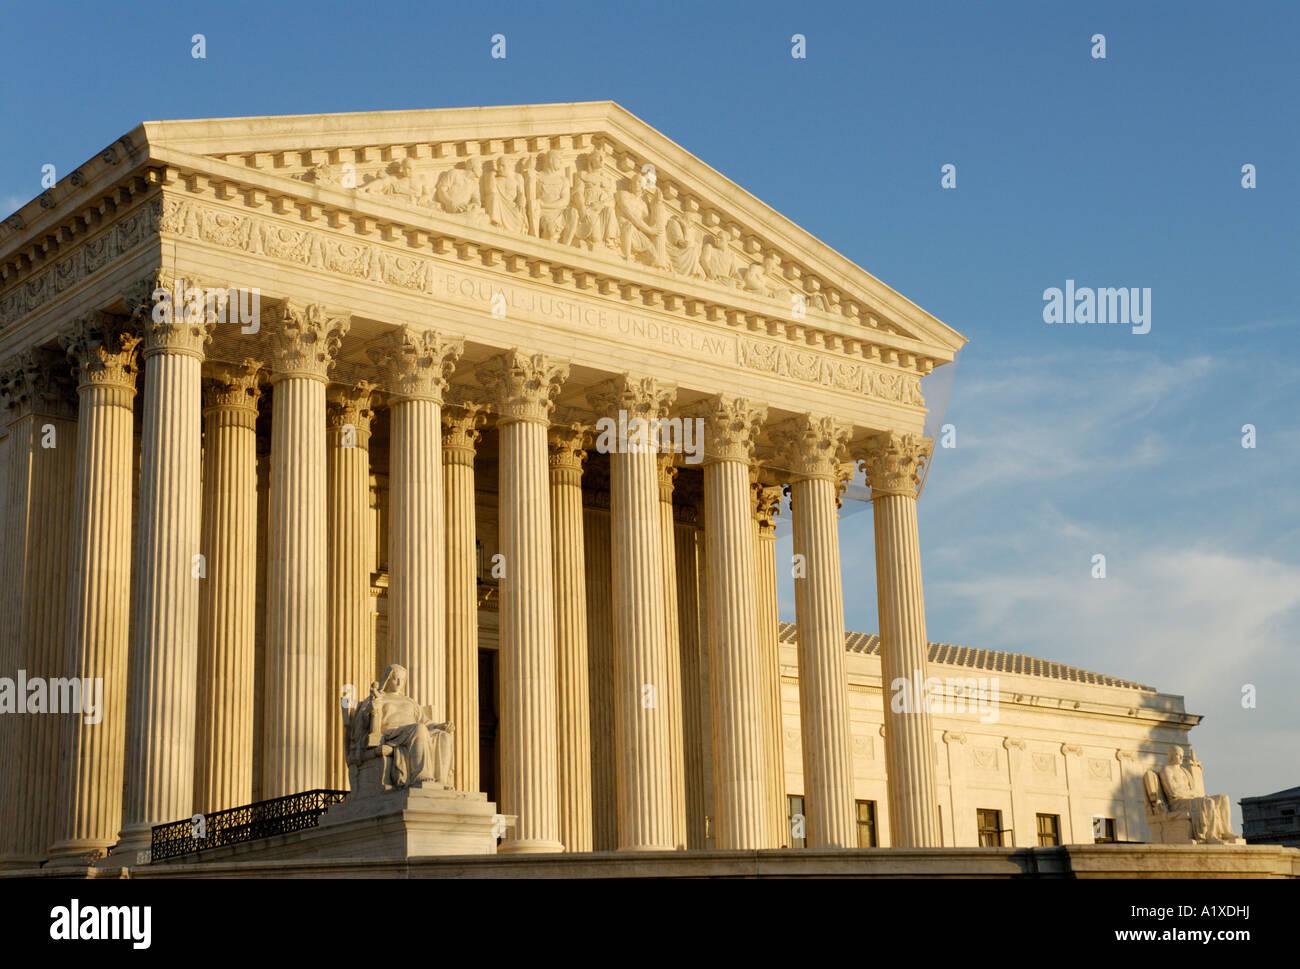 La cour suprême des États-Unis United States building Photo Stock